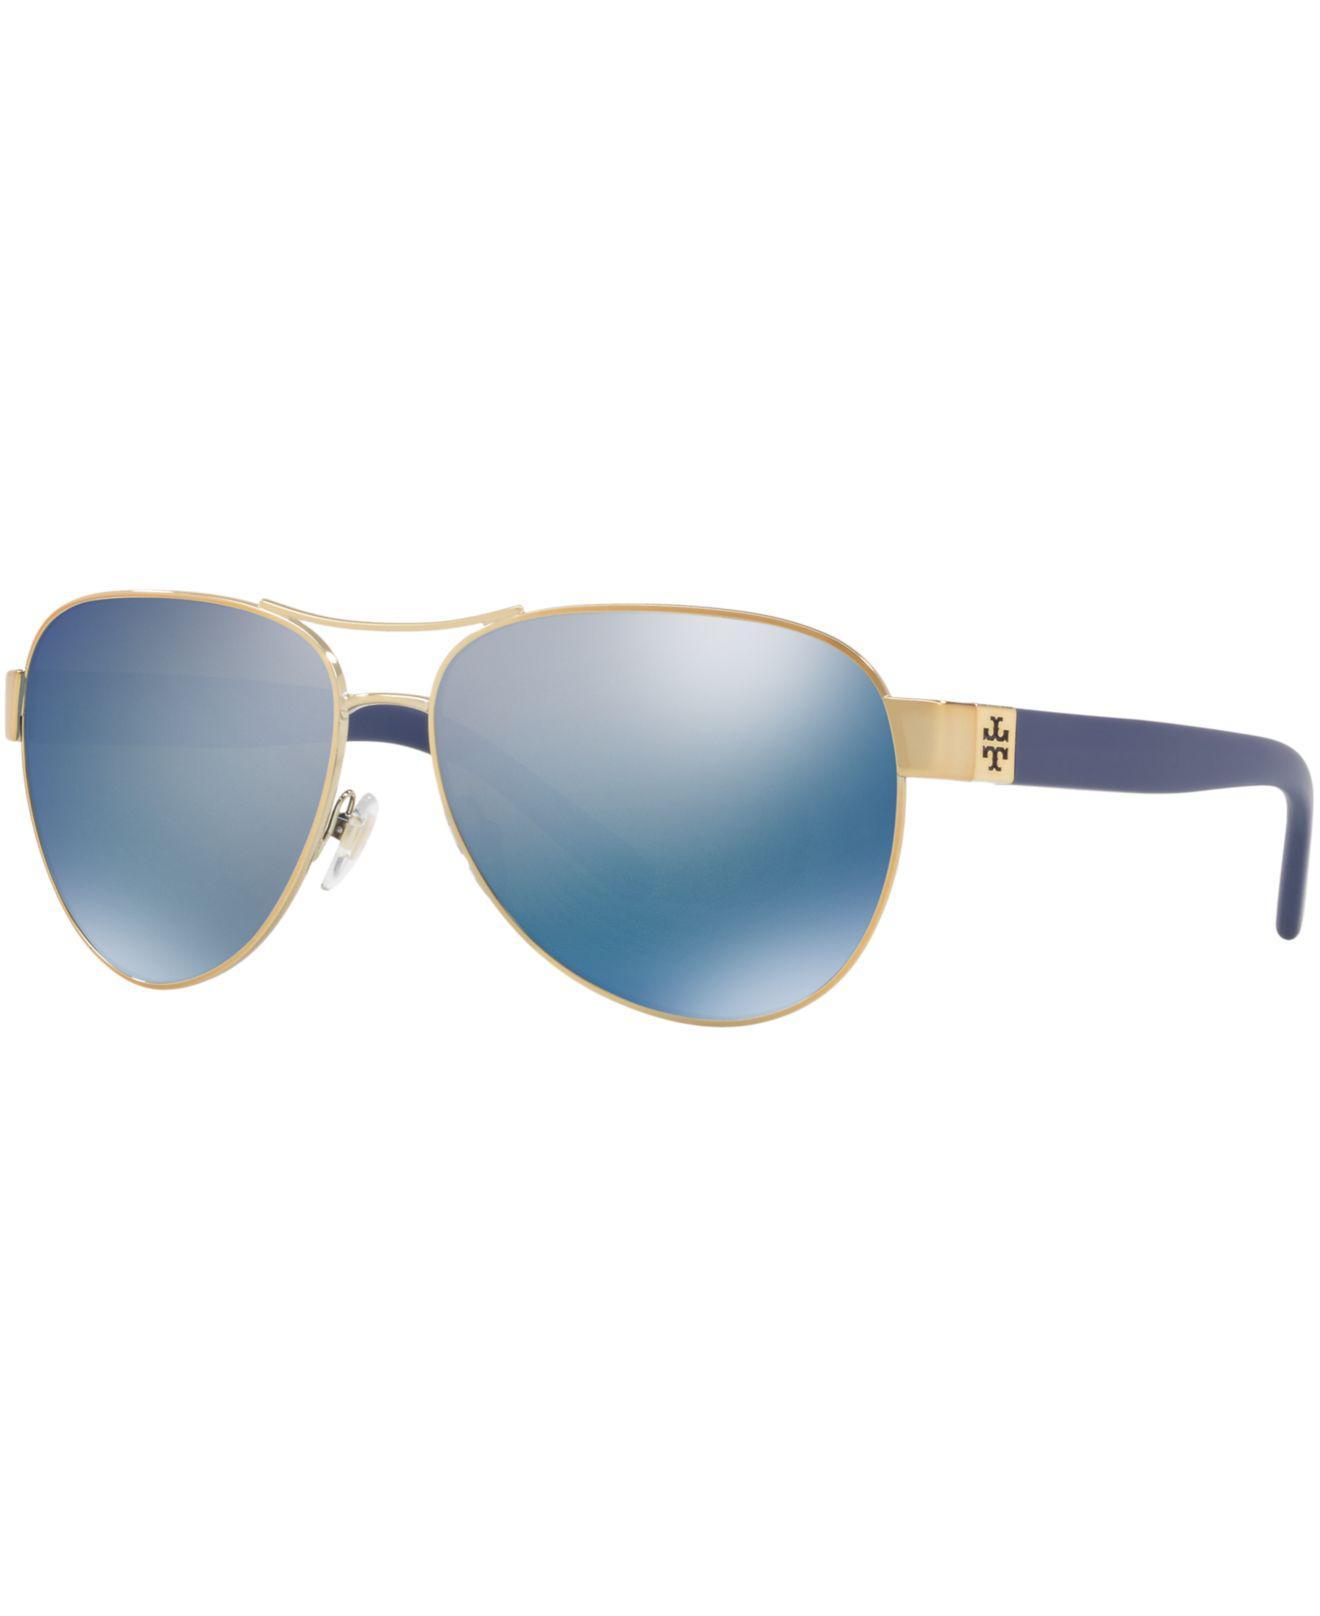 f1858c67d7 Lyst - Tory Burch Sunglasses